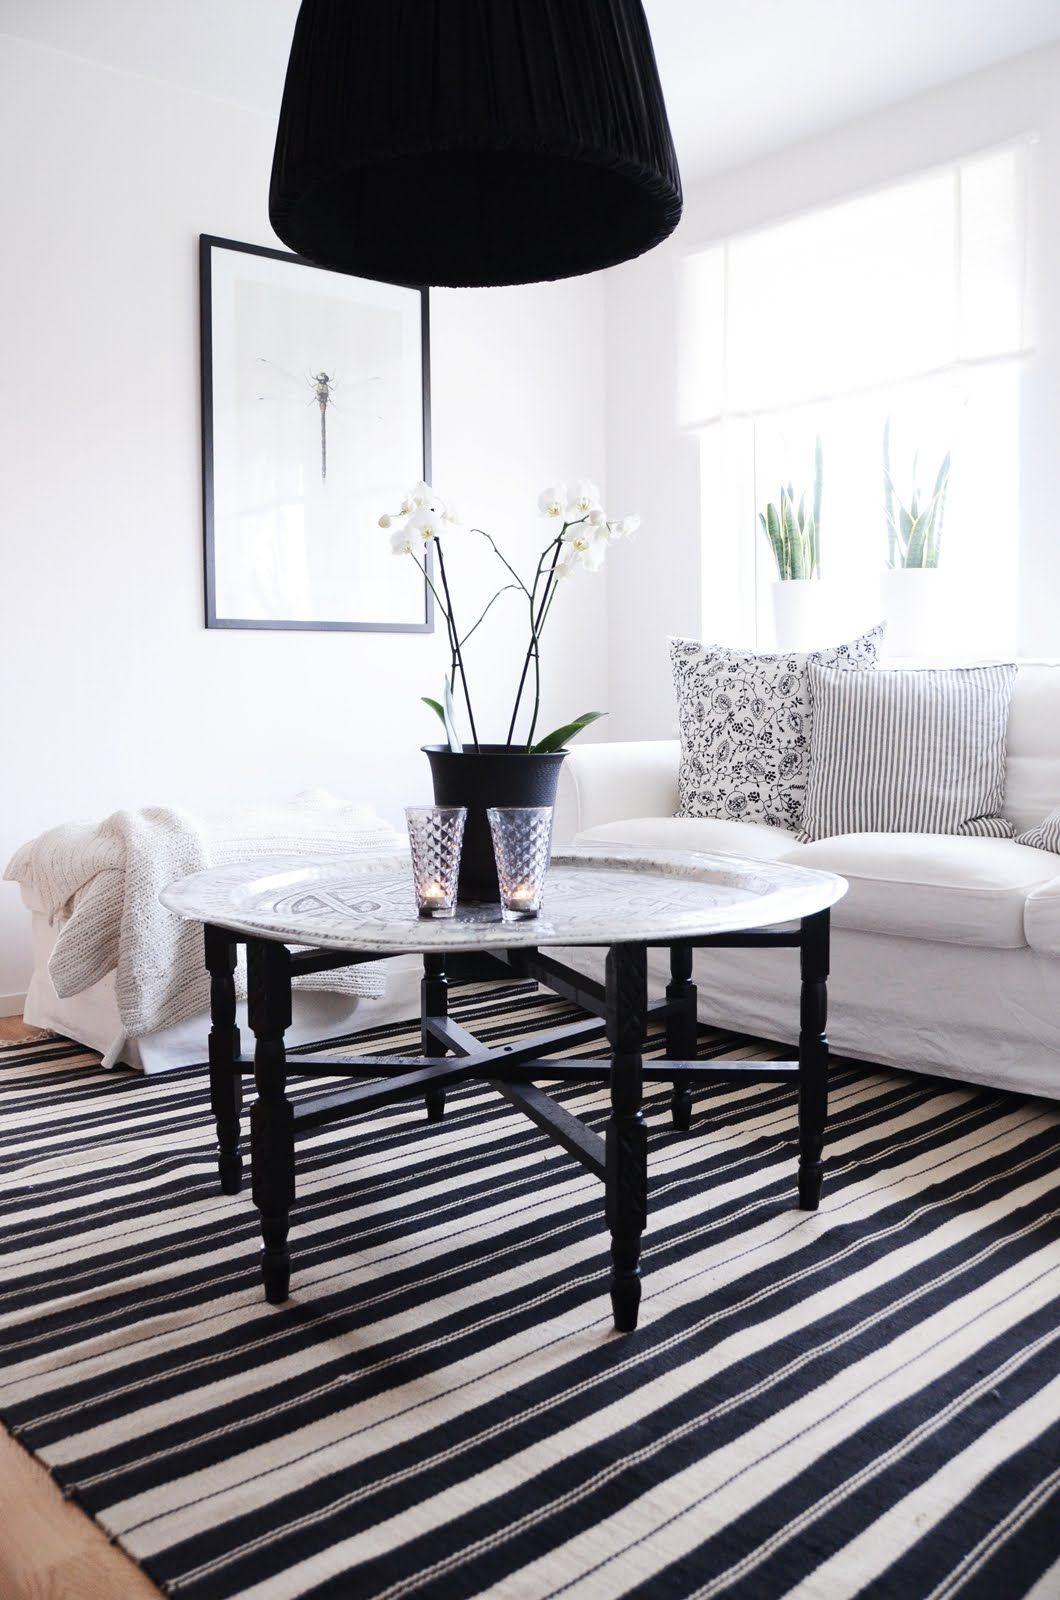 ○❥ʜᴀᴅᴀᴄᴀʀᴏʟɪɴᴀ❥○ | home | Pinterest | Living rooms ...